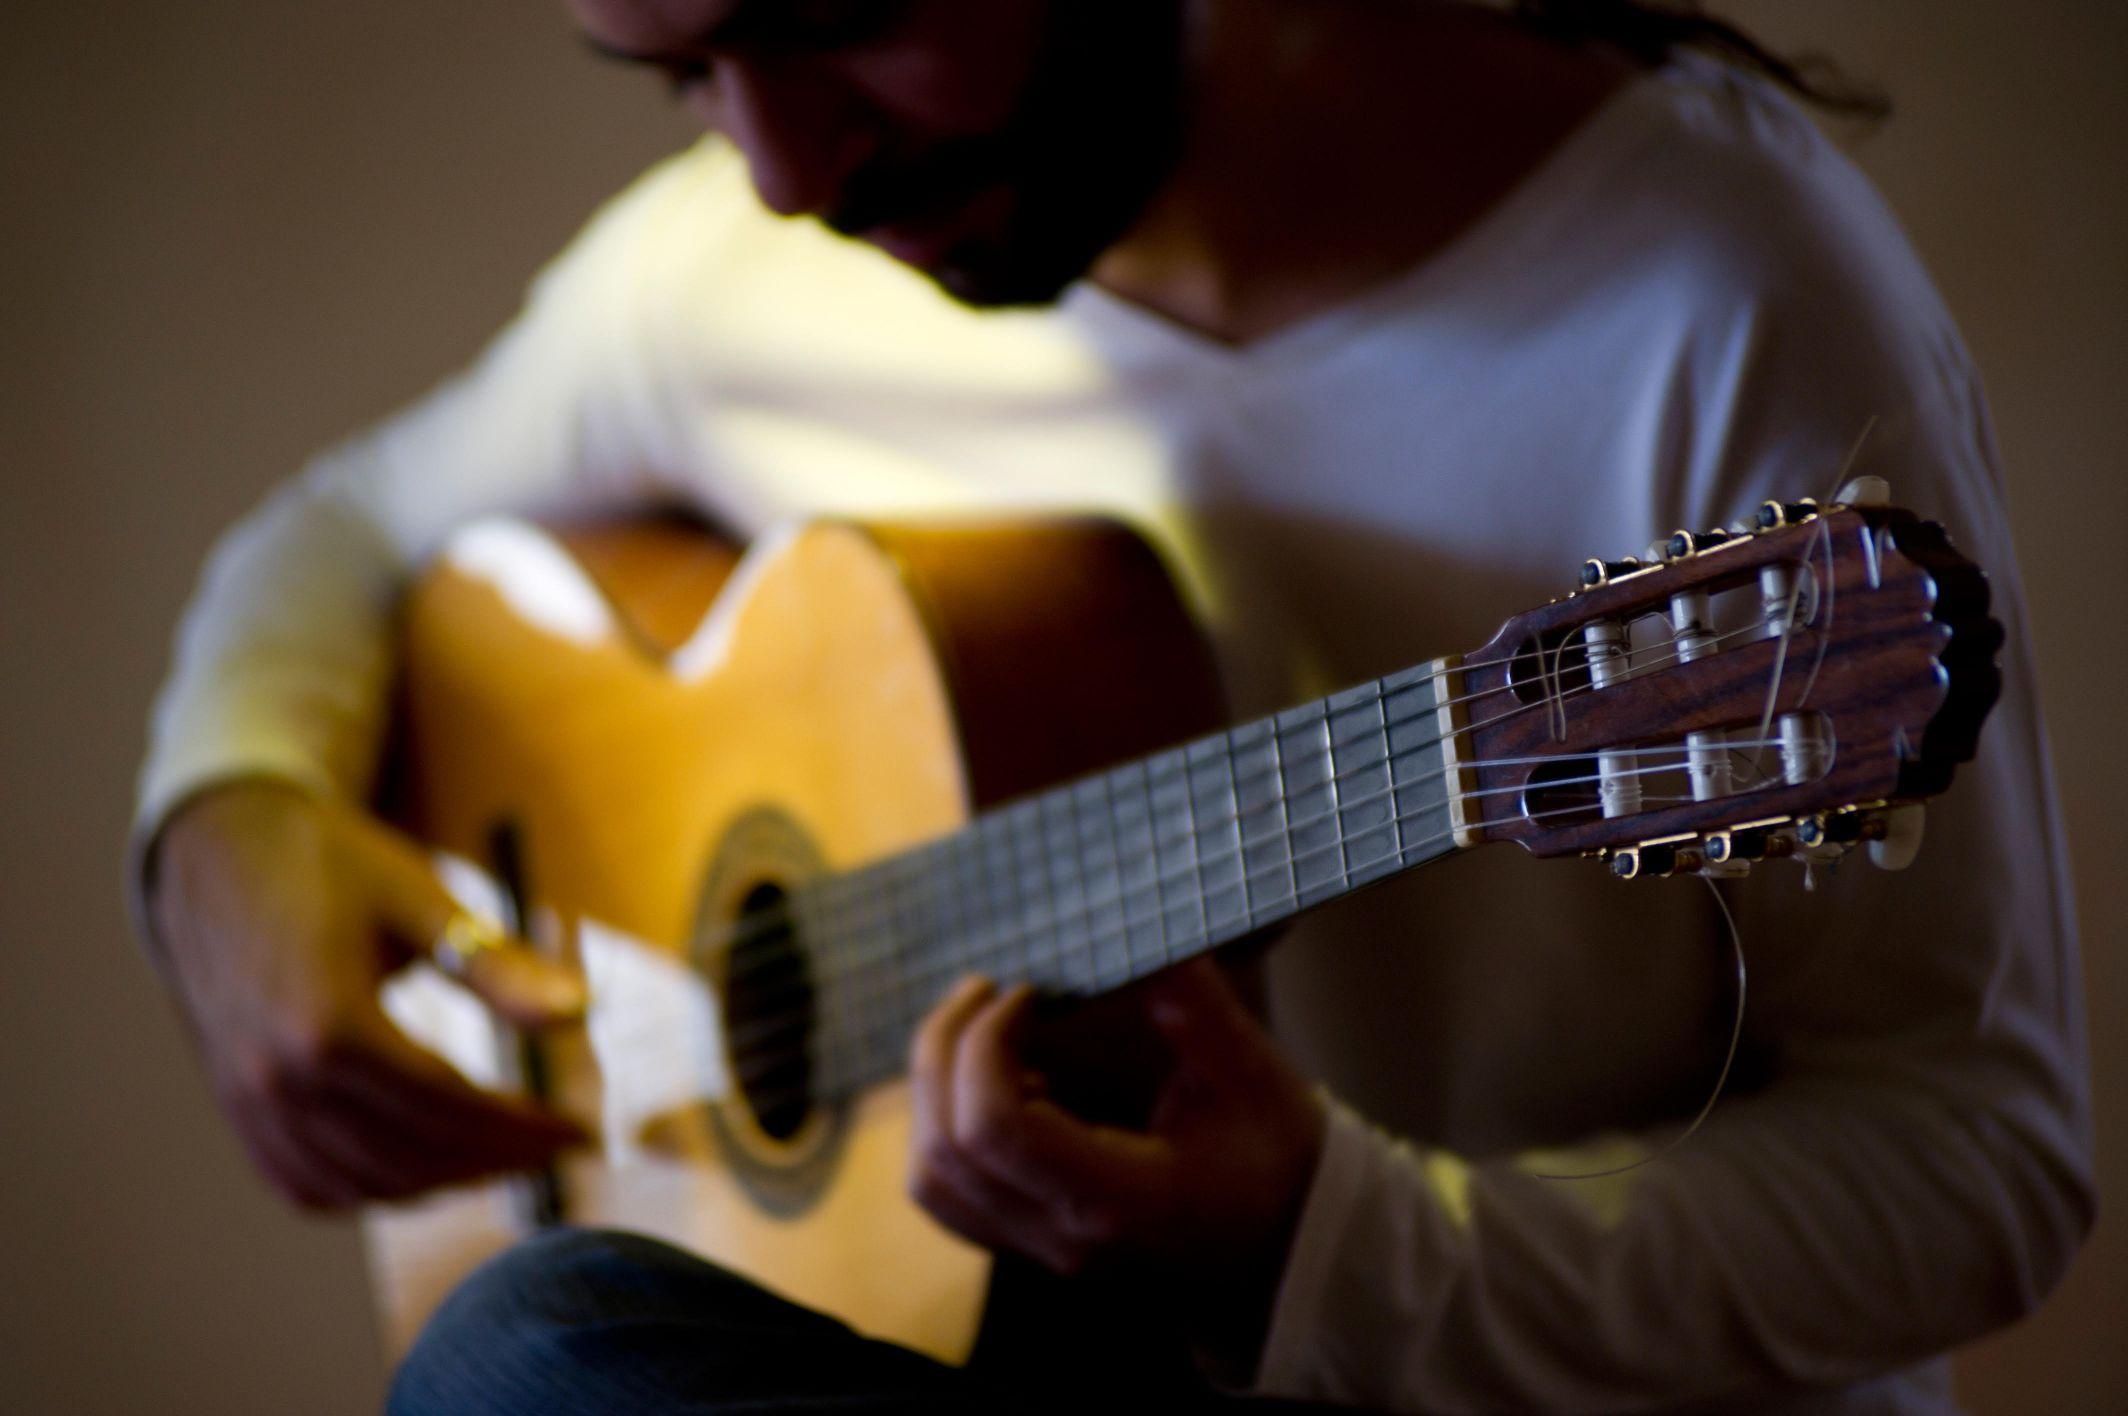 yiorgos limakis music